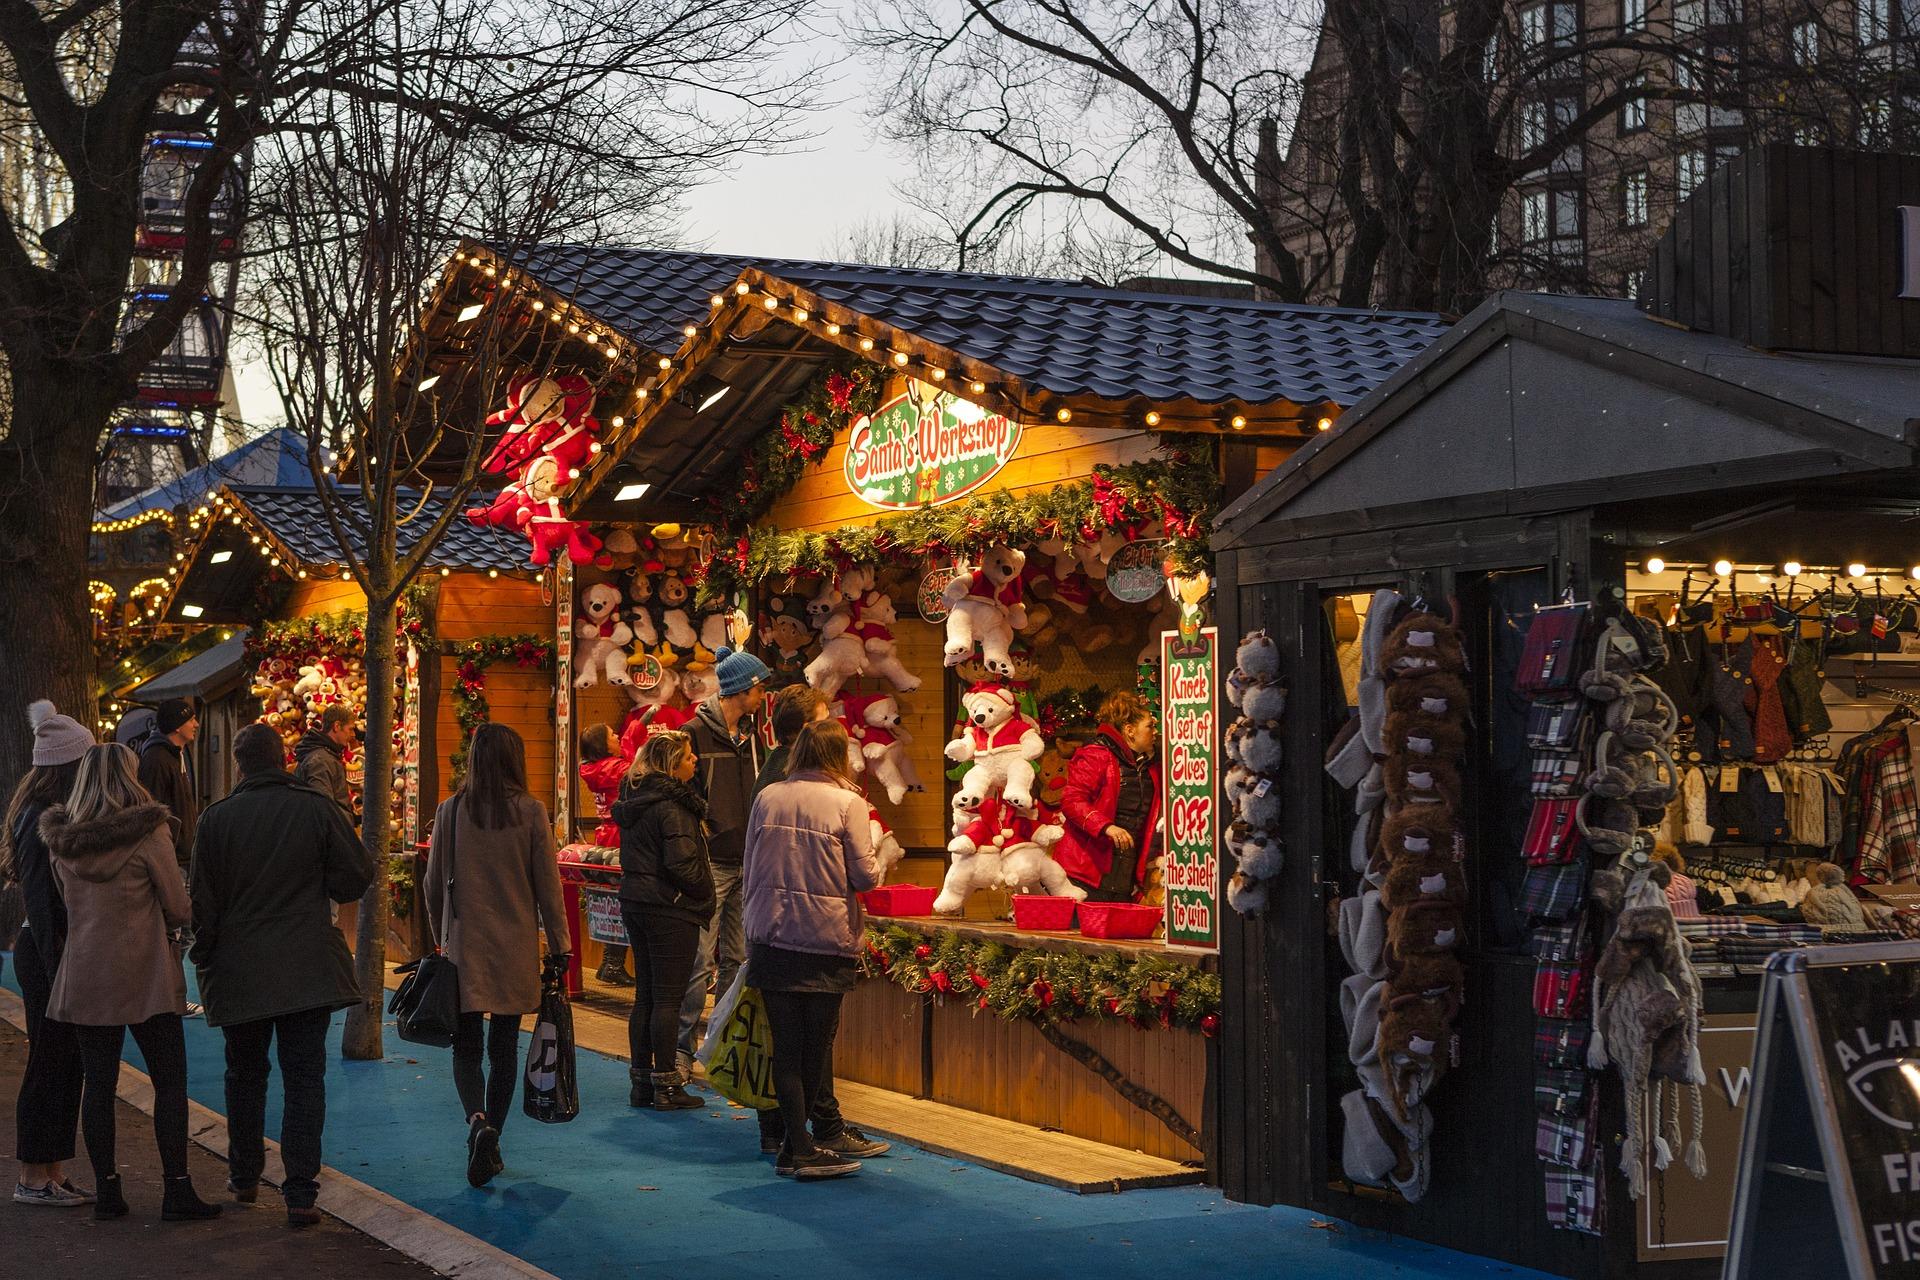 Busreise Weihnachtsmarkt